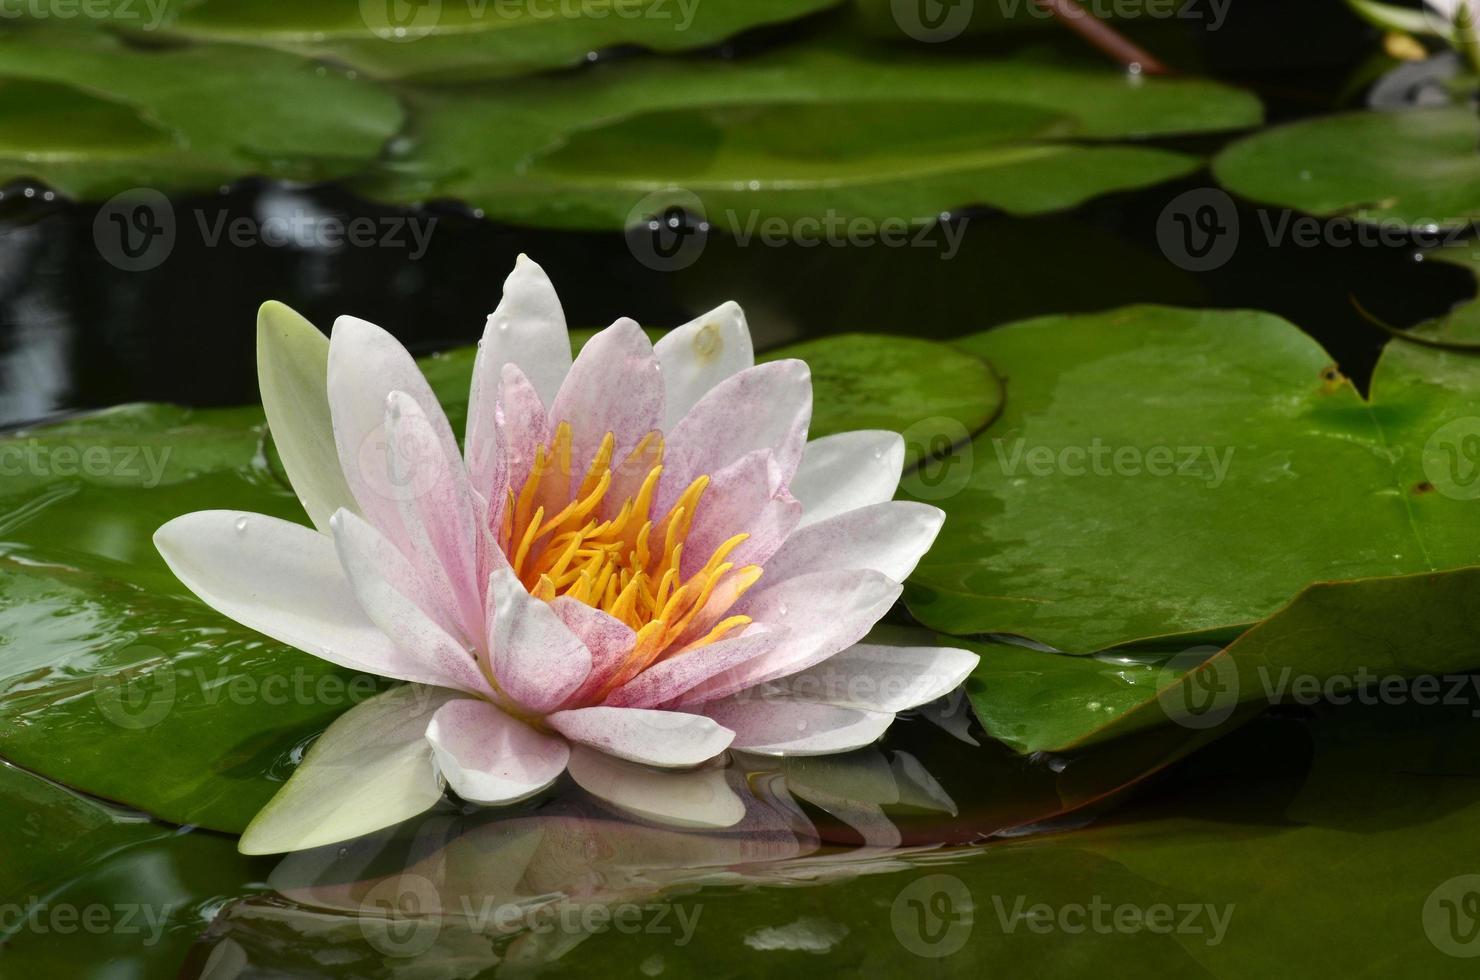 Lotusblume dem Licht ausgesetzt mit grünen Blättern umgeben foto